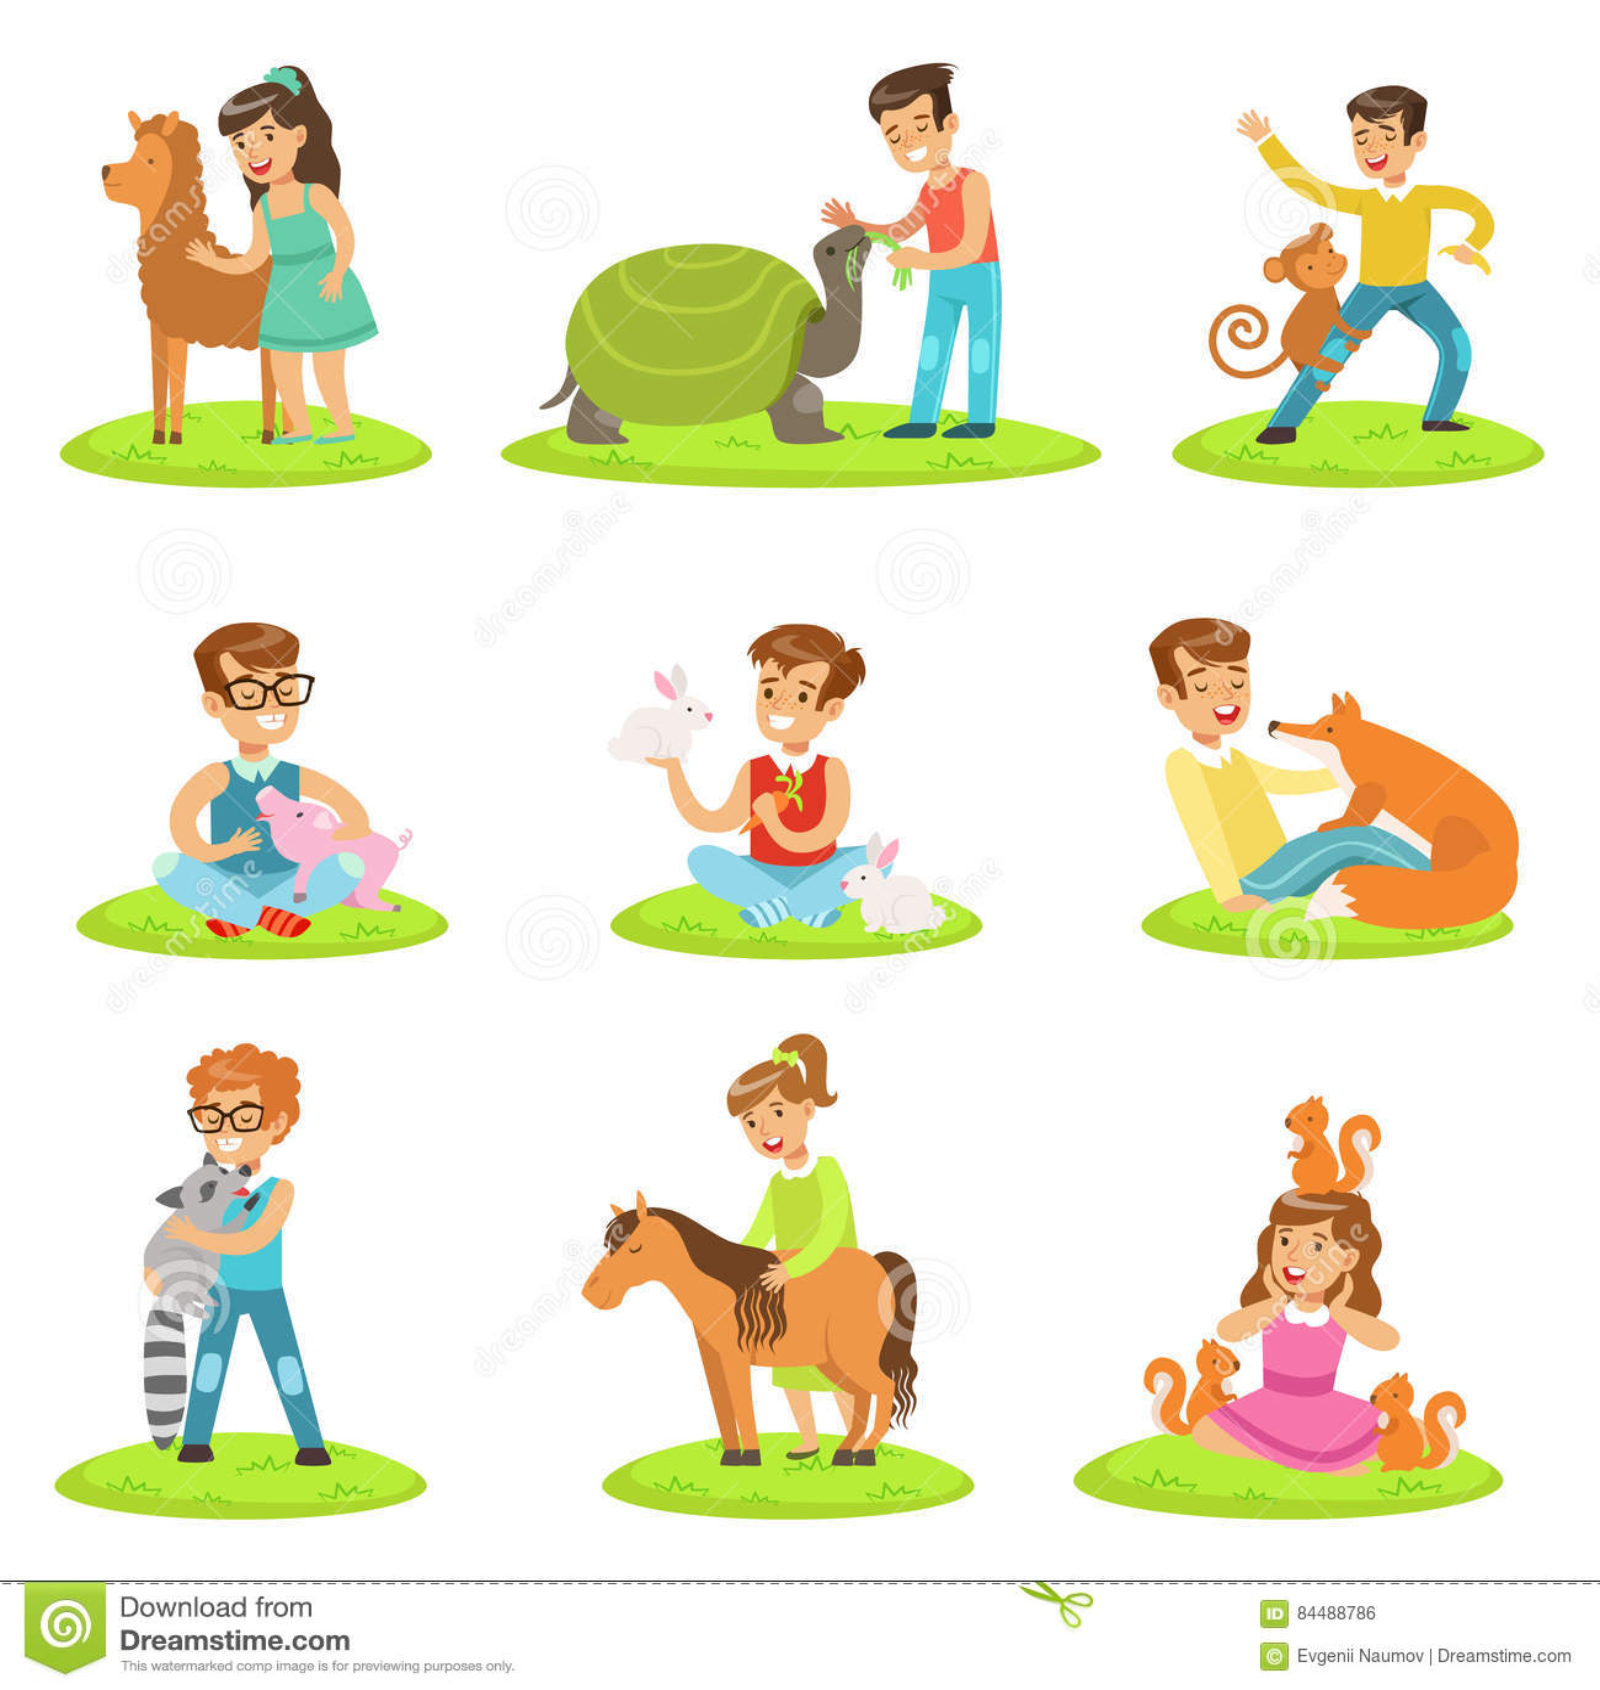 Dzieci Migdali Małych zwierzęta W Migdalić zoo kolekcję kreskówek ilustracje Z dzieciakami Ma zabawę